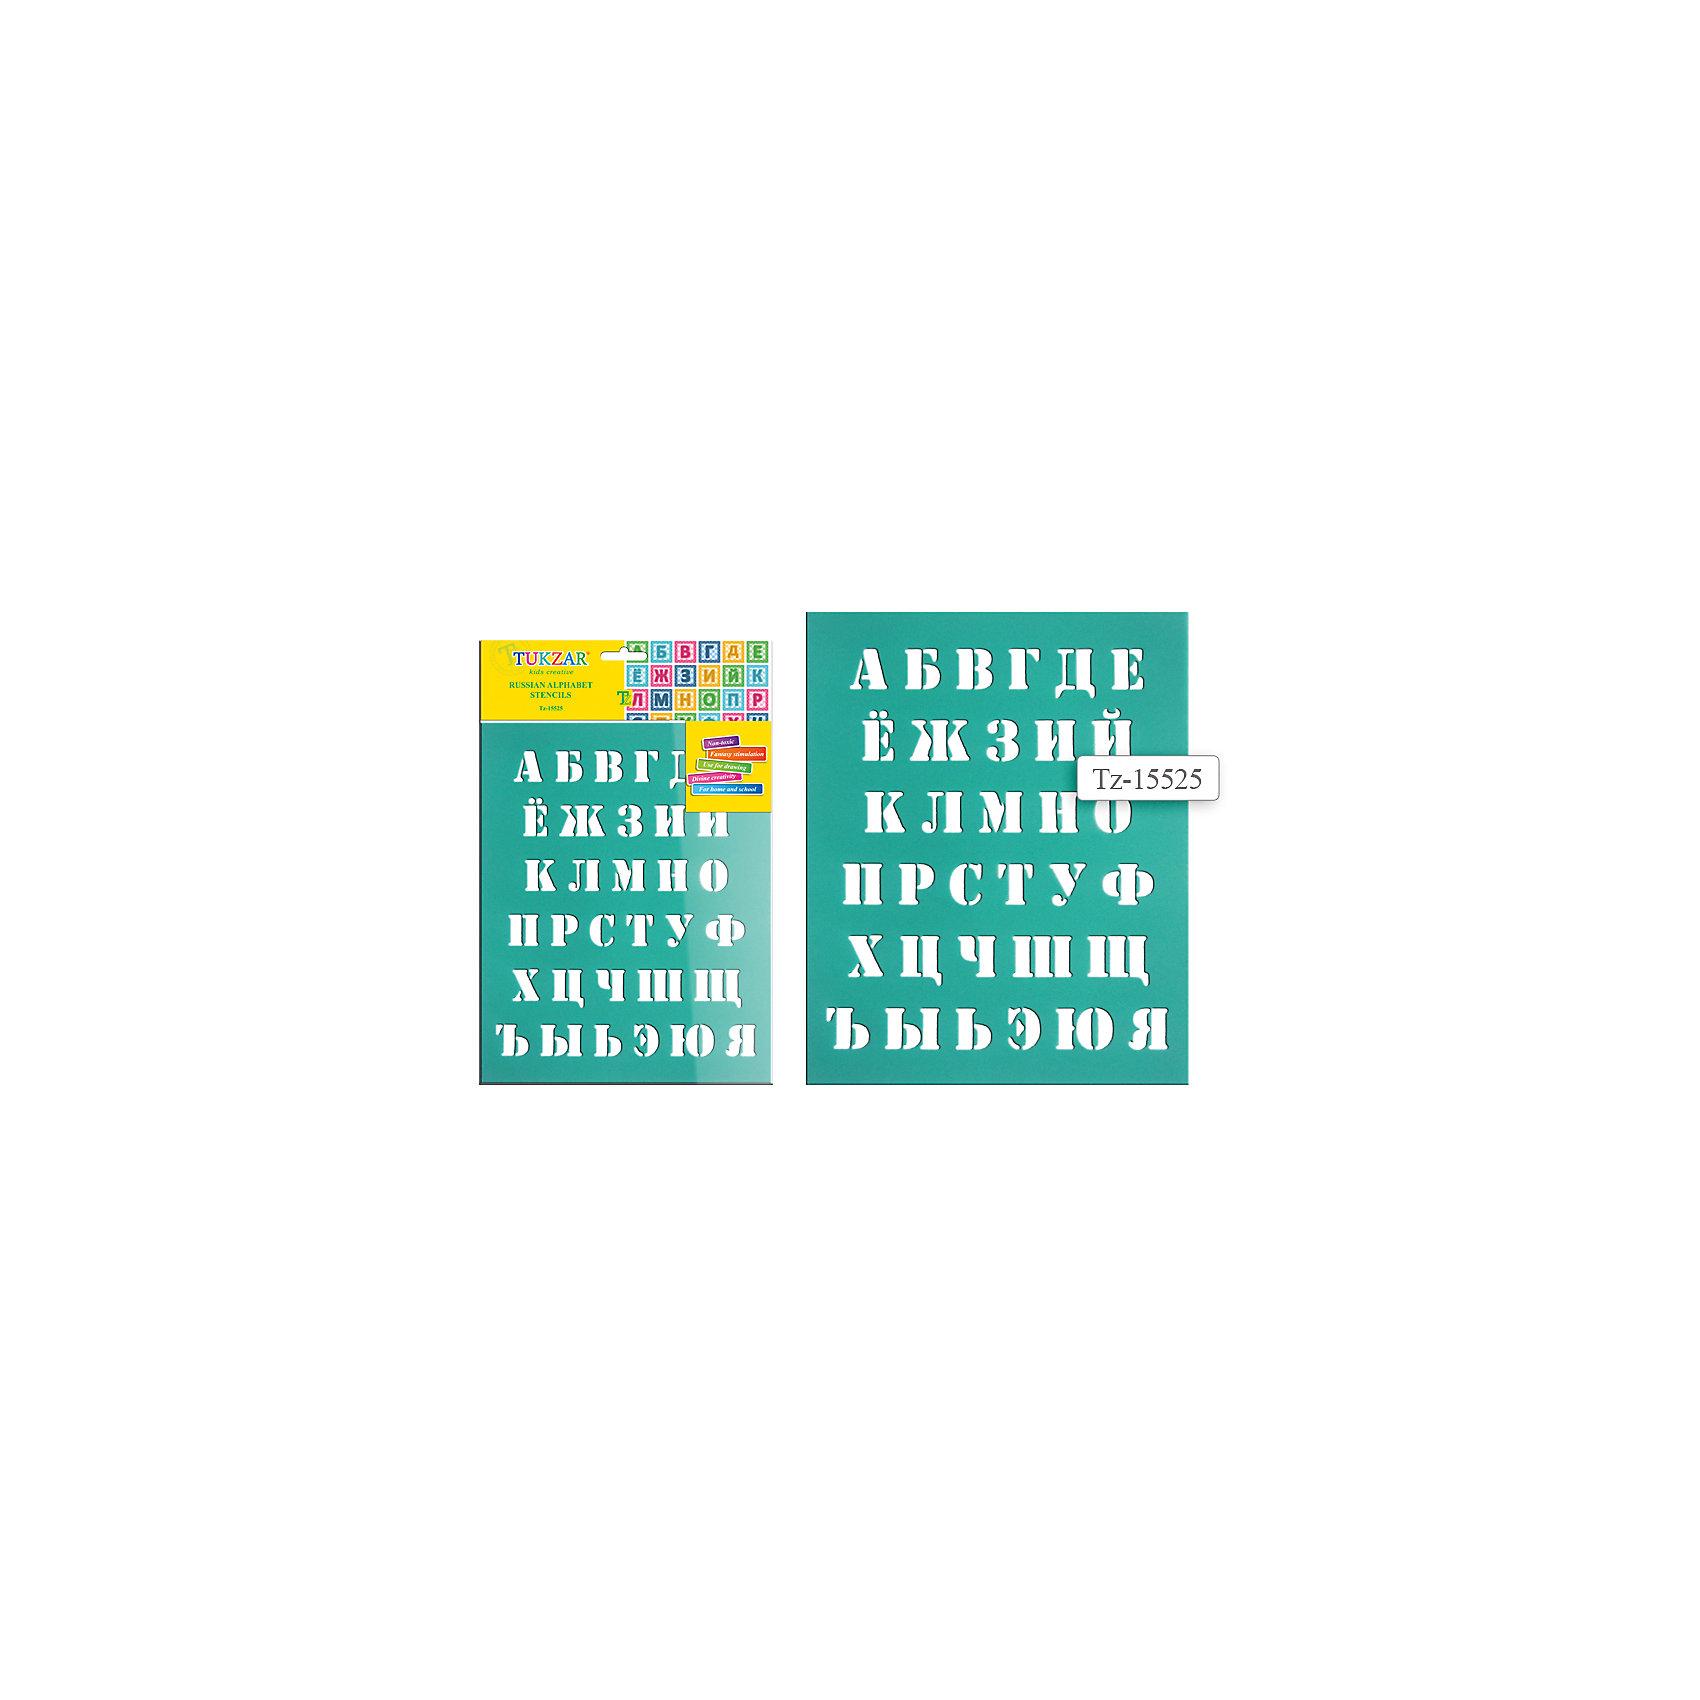 Трафарет Русский алфавит 20*25 смПоследняя цена<br>Трафарет Русский алфавит 20*25 см произведен популярным торговым брендом товаров для творчества TUKZAR. Трафарет выполнен из мягкого и гибкого экологически безопасного пластика размером 20*25 см. Предназначен для занятий с детьми, начиная с раннего дошкольного возраста. Трафарет позволит научиться в легкой игровой форме писать печатные буквы русского алфавита. Подходитдля для рисования карандашами или фломастерами. <br>Рисование по трафаретам развивает у ребенка умение действовать по заданному образцу, усидчивость, внимательность и координацию движений. С трафаретом от TUKZAR даже самые маленькие дети смогут красиво оформить и подписать поздравительную открытку. <br><br>Дополнительная информация:<br><br>- Предназначение: для занятий художественным творчеством, для обучающих занятий<br>- Материал: мягкий пластик<br>- Размер трафарета (Д*Ш): 20*25 см<br>- Вес: 16 г<br><br>Подробнее:<br><br>• Для детей в возрасте: от 3 лет <br>• Страна производитель: Китай<br>• Торговый бренд: TUKZAR<br><br>Трафарет Русский алфавит 20*25 см можно купить в нашем интернет-магазине.<br><br>Ширина мм: 200<br>Глубина мм: 250<br>Высота мм: 10<br>Вес г: 100<br>Возраст от месяцев: 36<br>Возраст до месяцев: 84<br>Пол: Унисекс<br>Возраст: Детский<br>SKU: 5001377